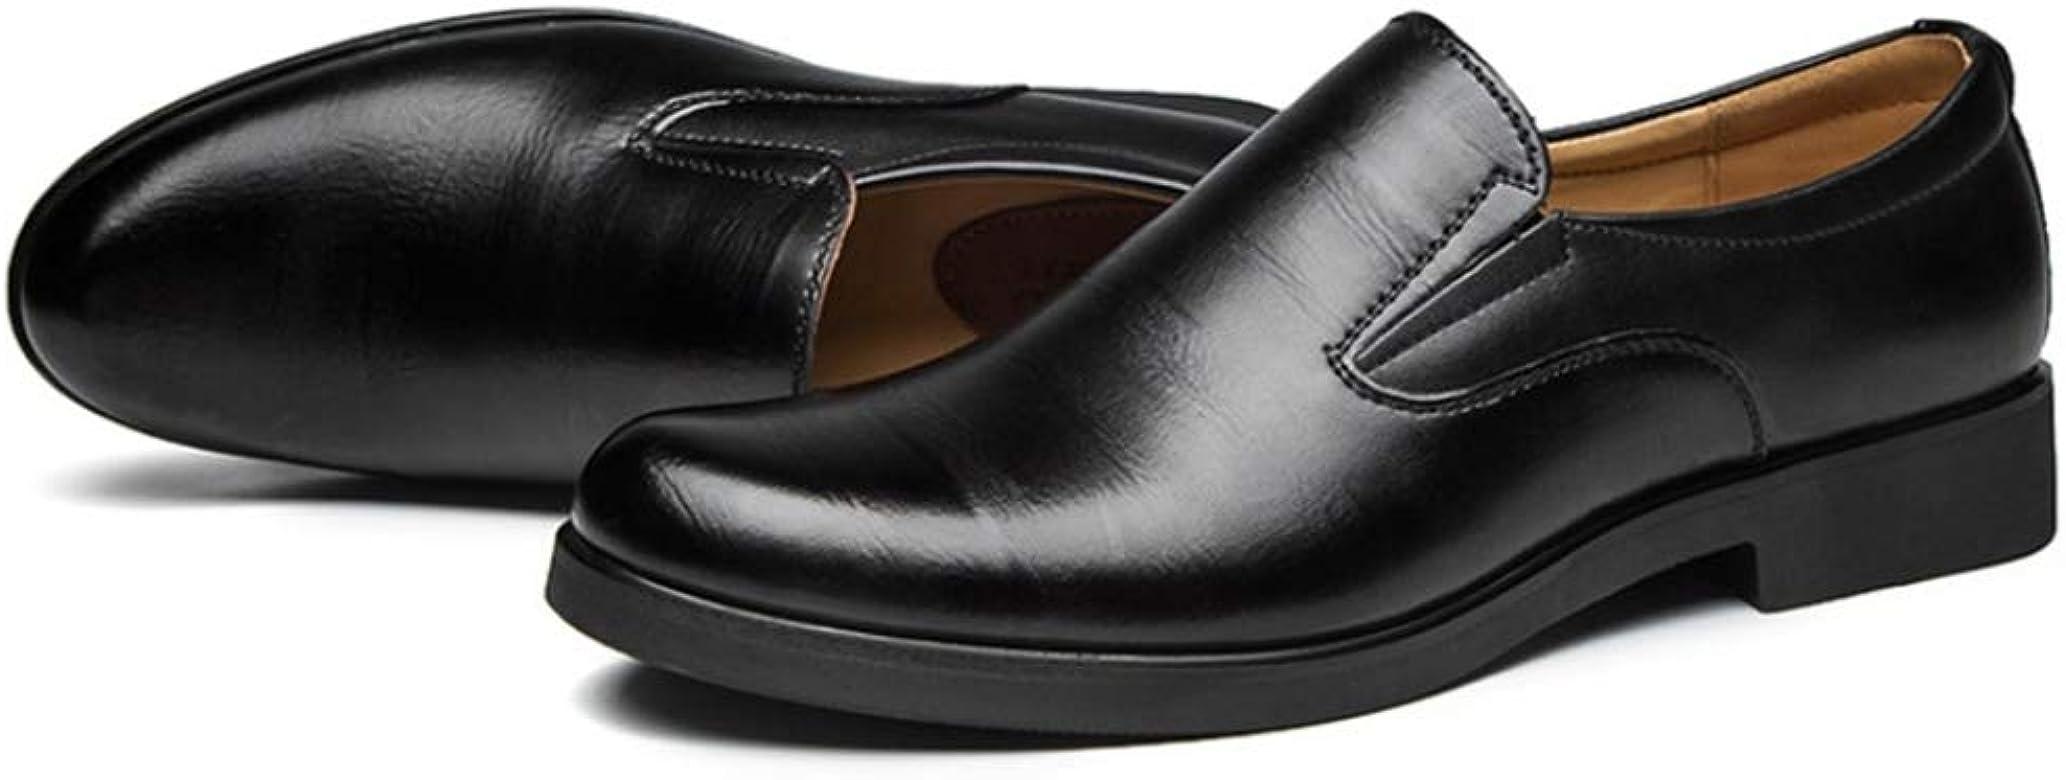 Zapatos de Cuero para Hombres Mocasines Planos Ocasionales Bajos Casuales Zapatos de Vestir de Negocios de Oficina de Bodas con Punta Puntiaguda: Amazon.es: Zapatos y complementos